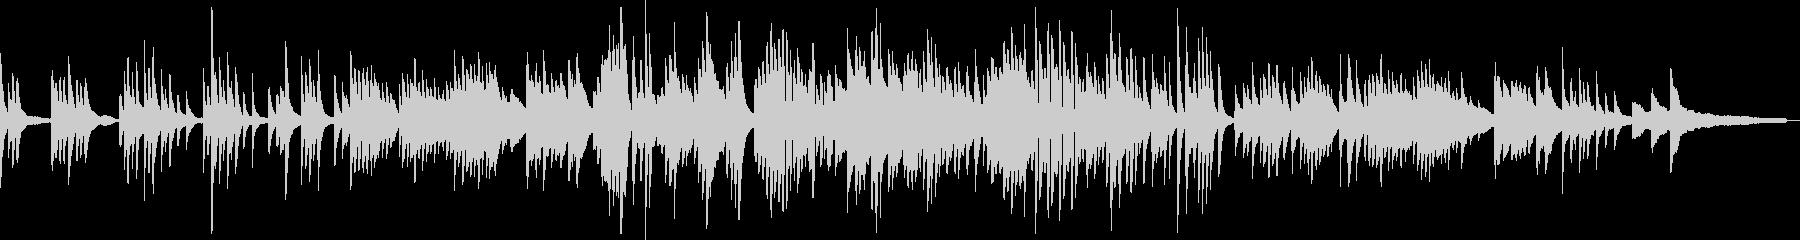 わらべ歌の和風曲2(B)-ピアノソロの未再生の波形